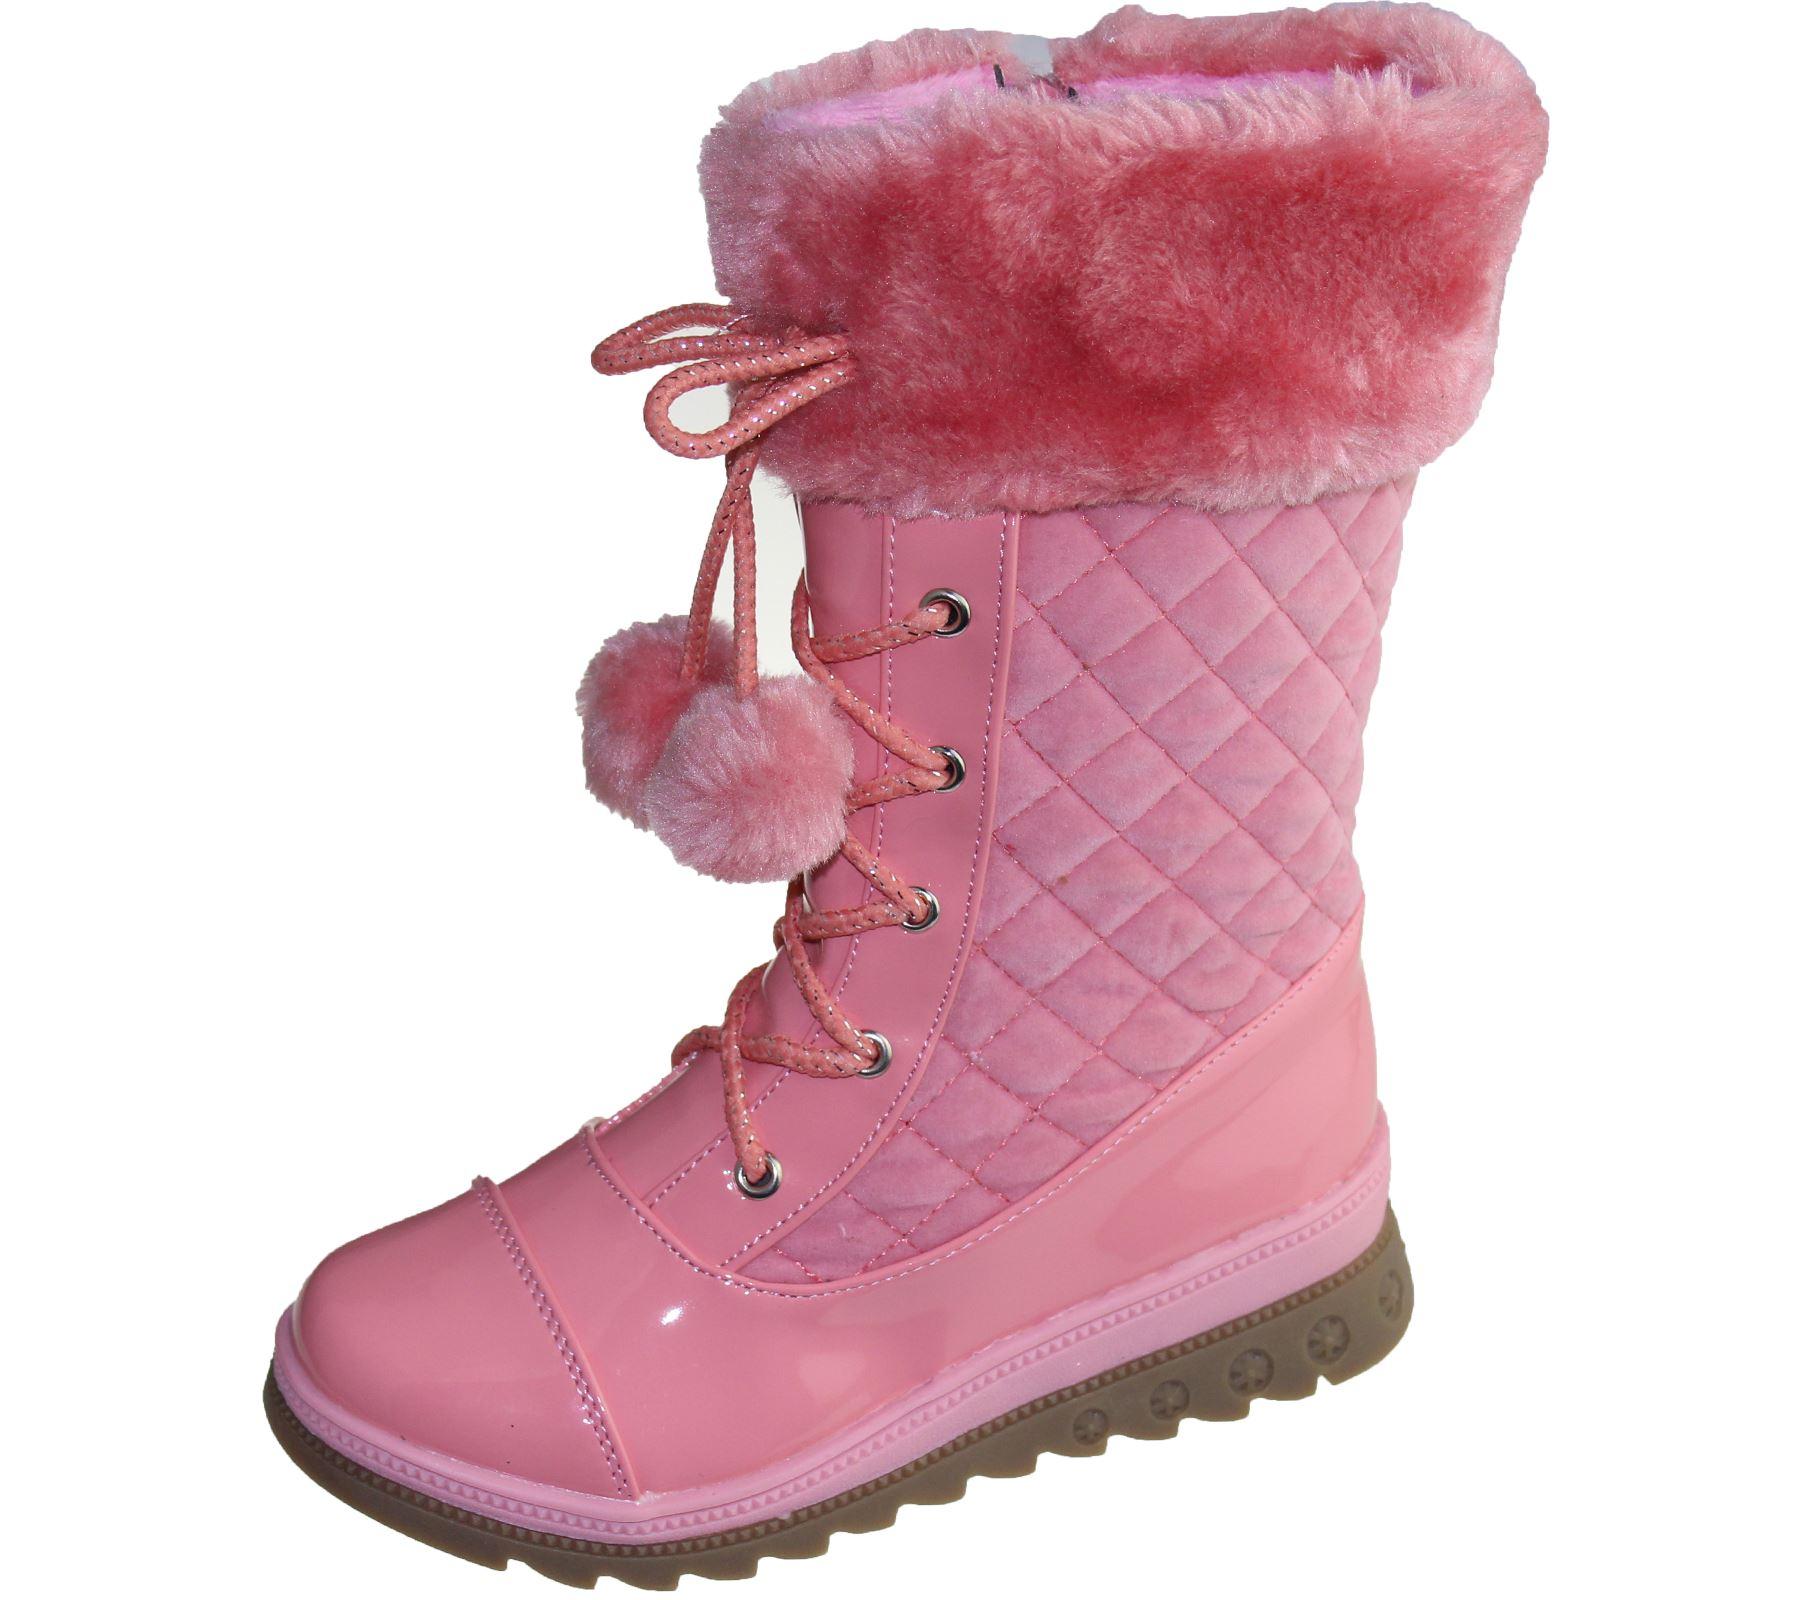 filles-chaude-double-Bottes-Pom-hiver-Noel-haut-qulted-cheville-chaussures